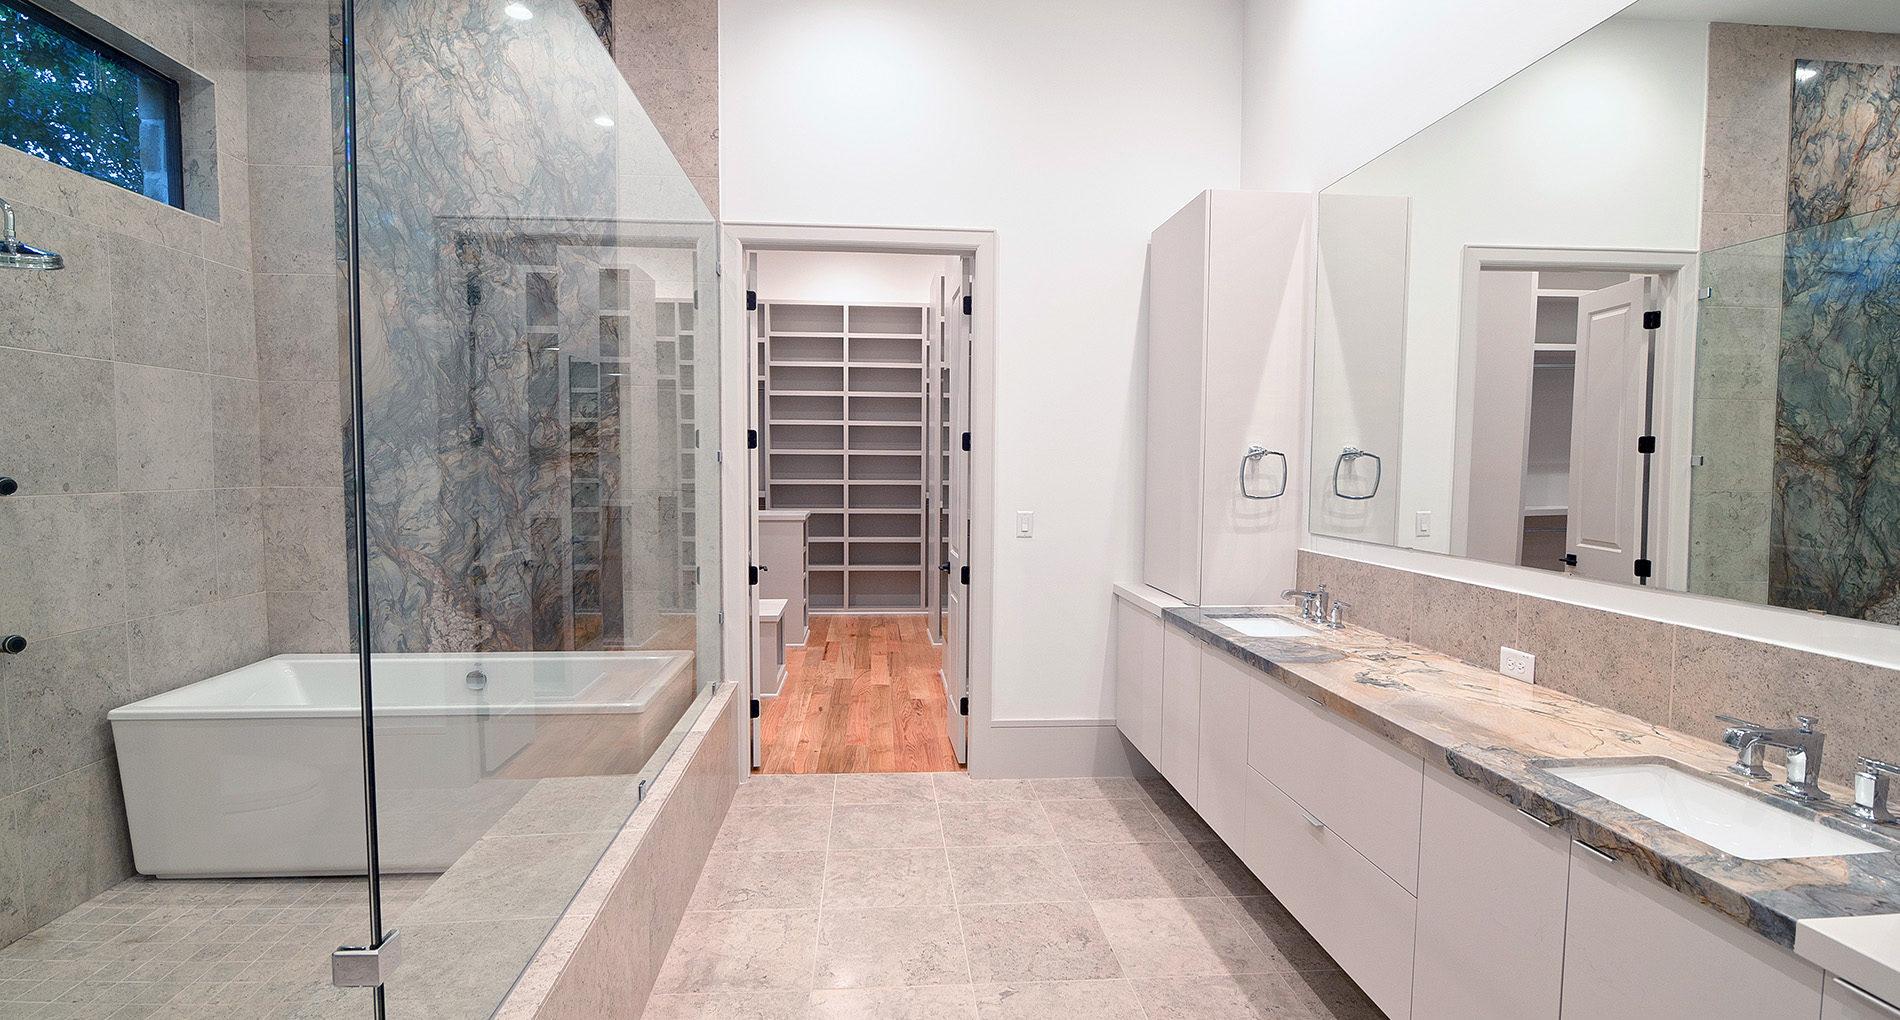 Bathroom Remodel Houston | Bathroom Remodeling Gallery Alair Homes Houston